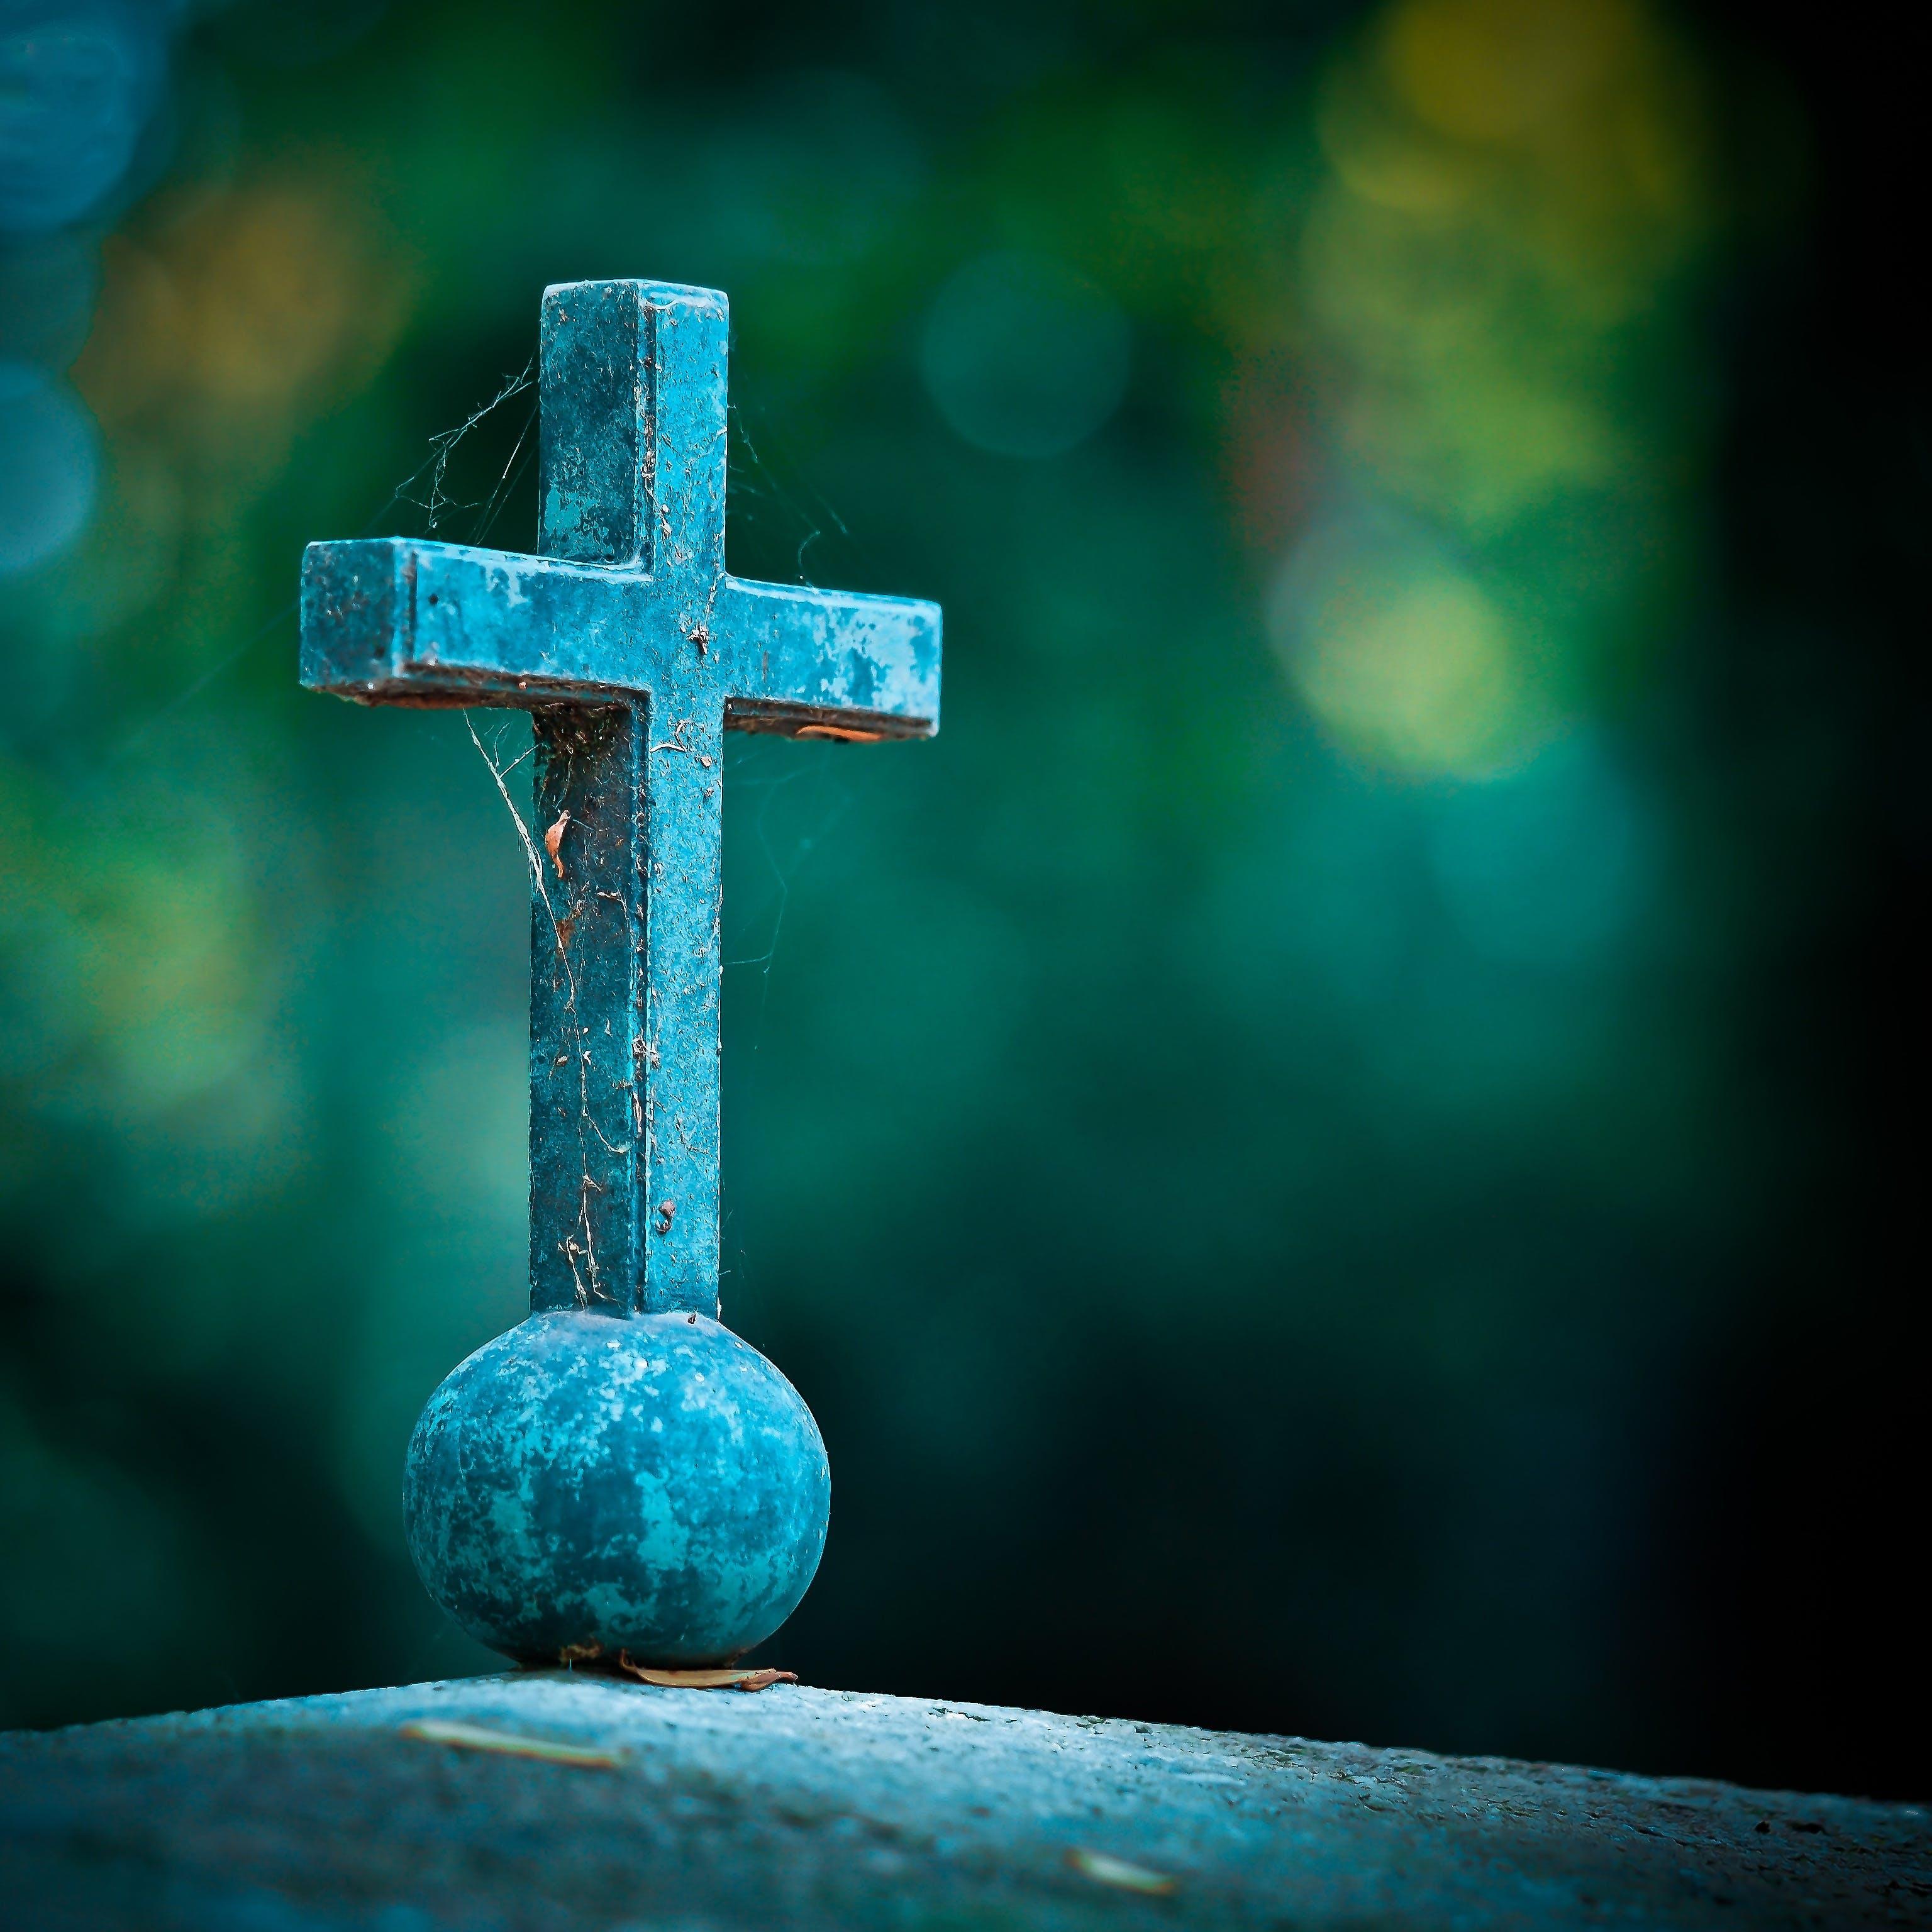 Kostenloses Stock Foto zu verschwimmen, kreuz, religion, fokus